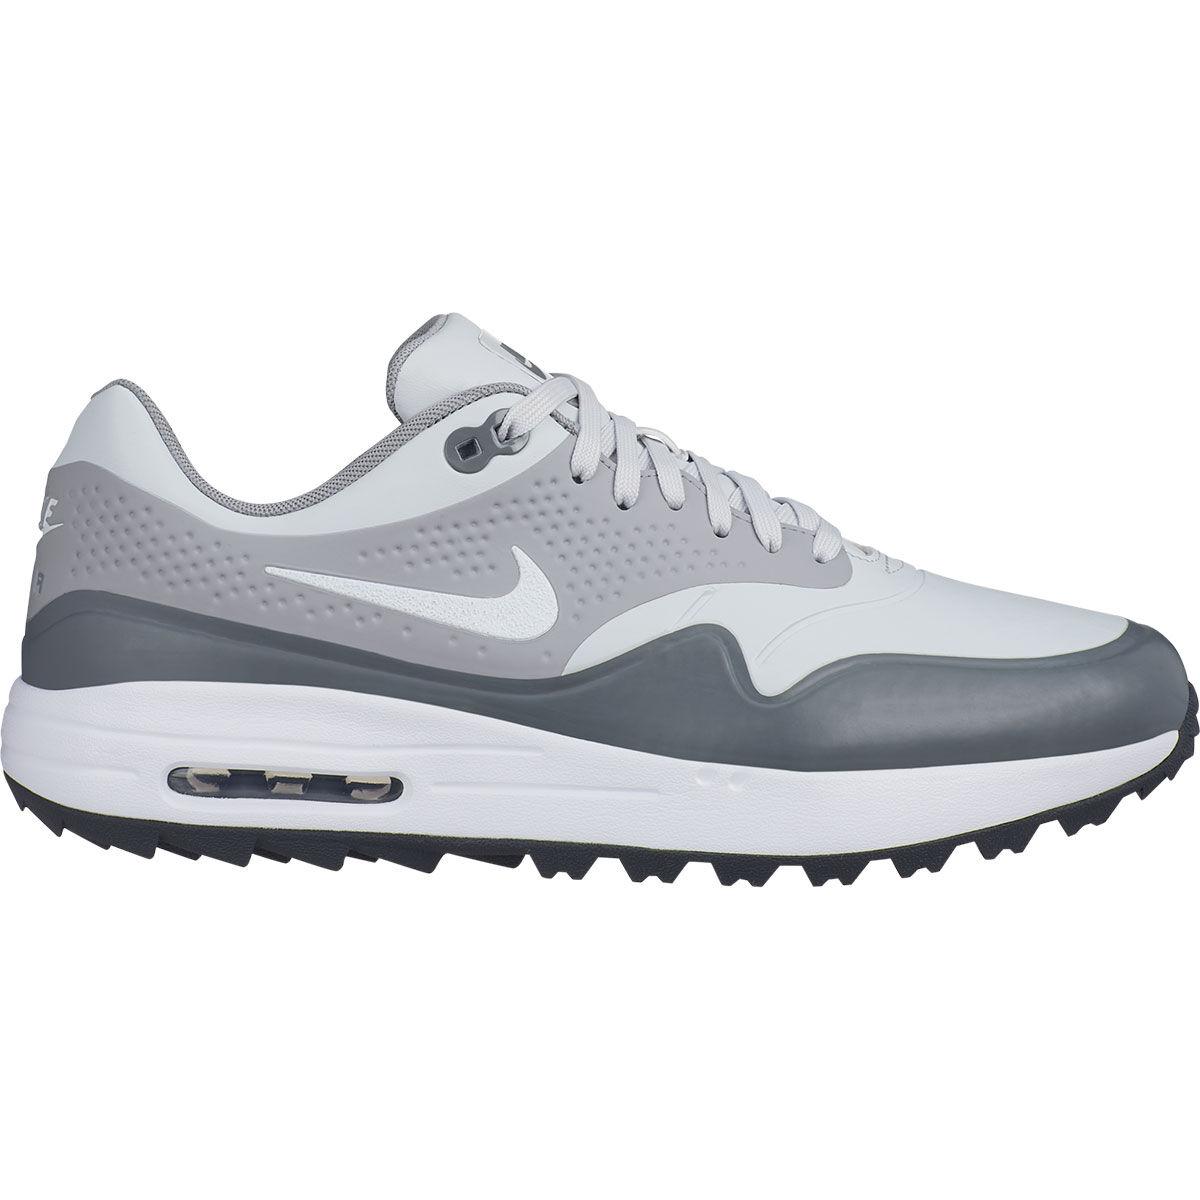 scarpe nike online offerte